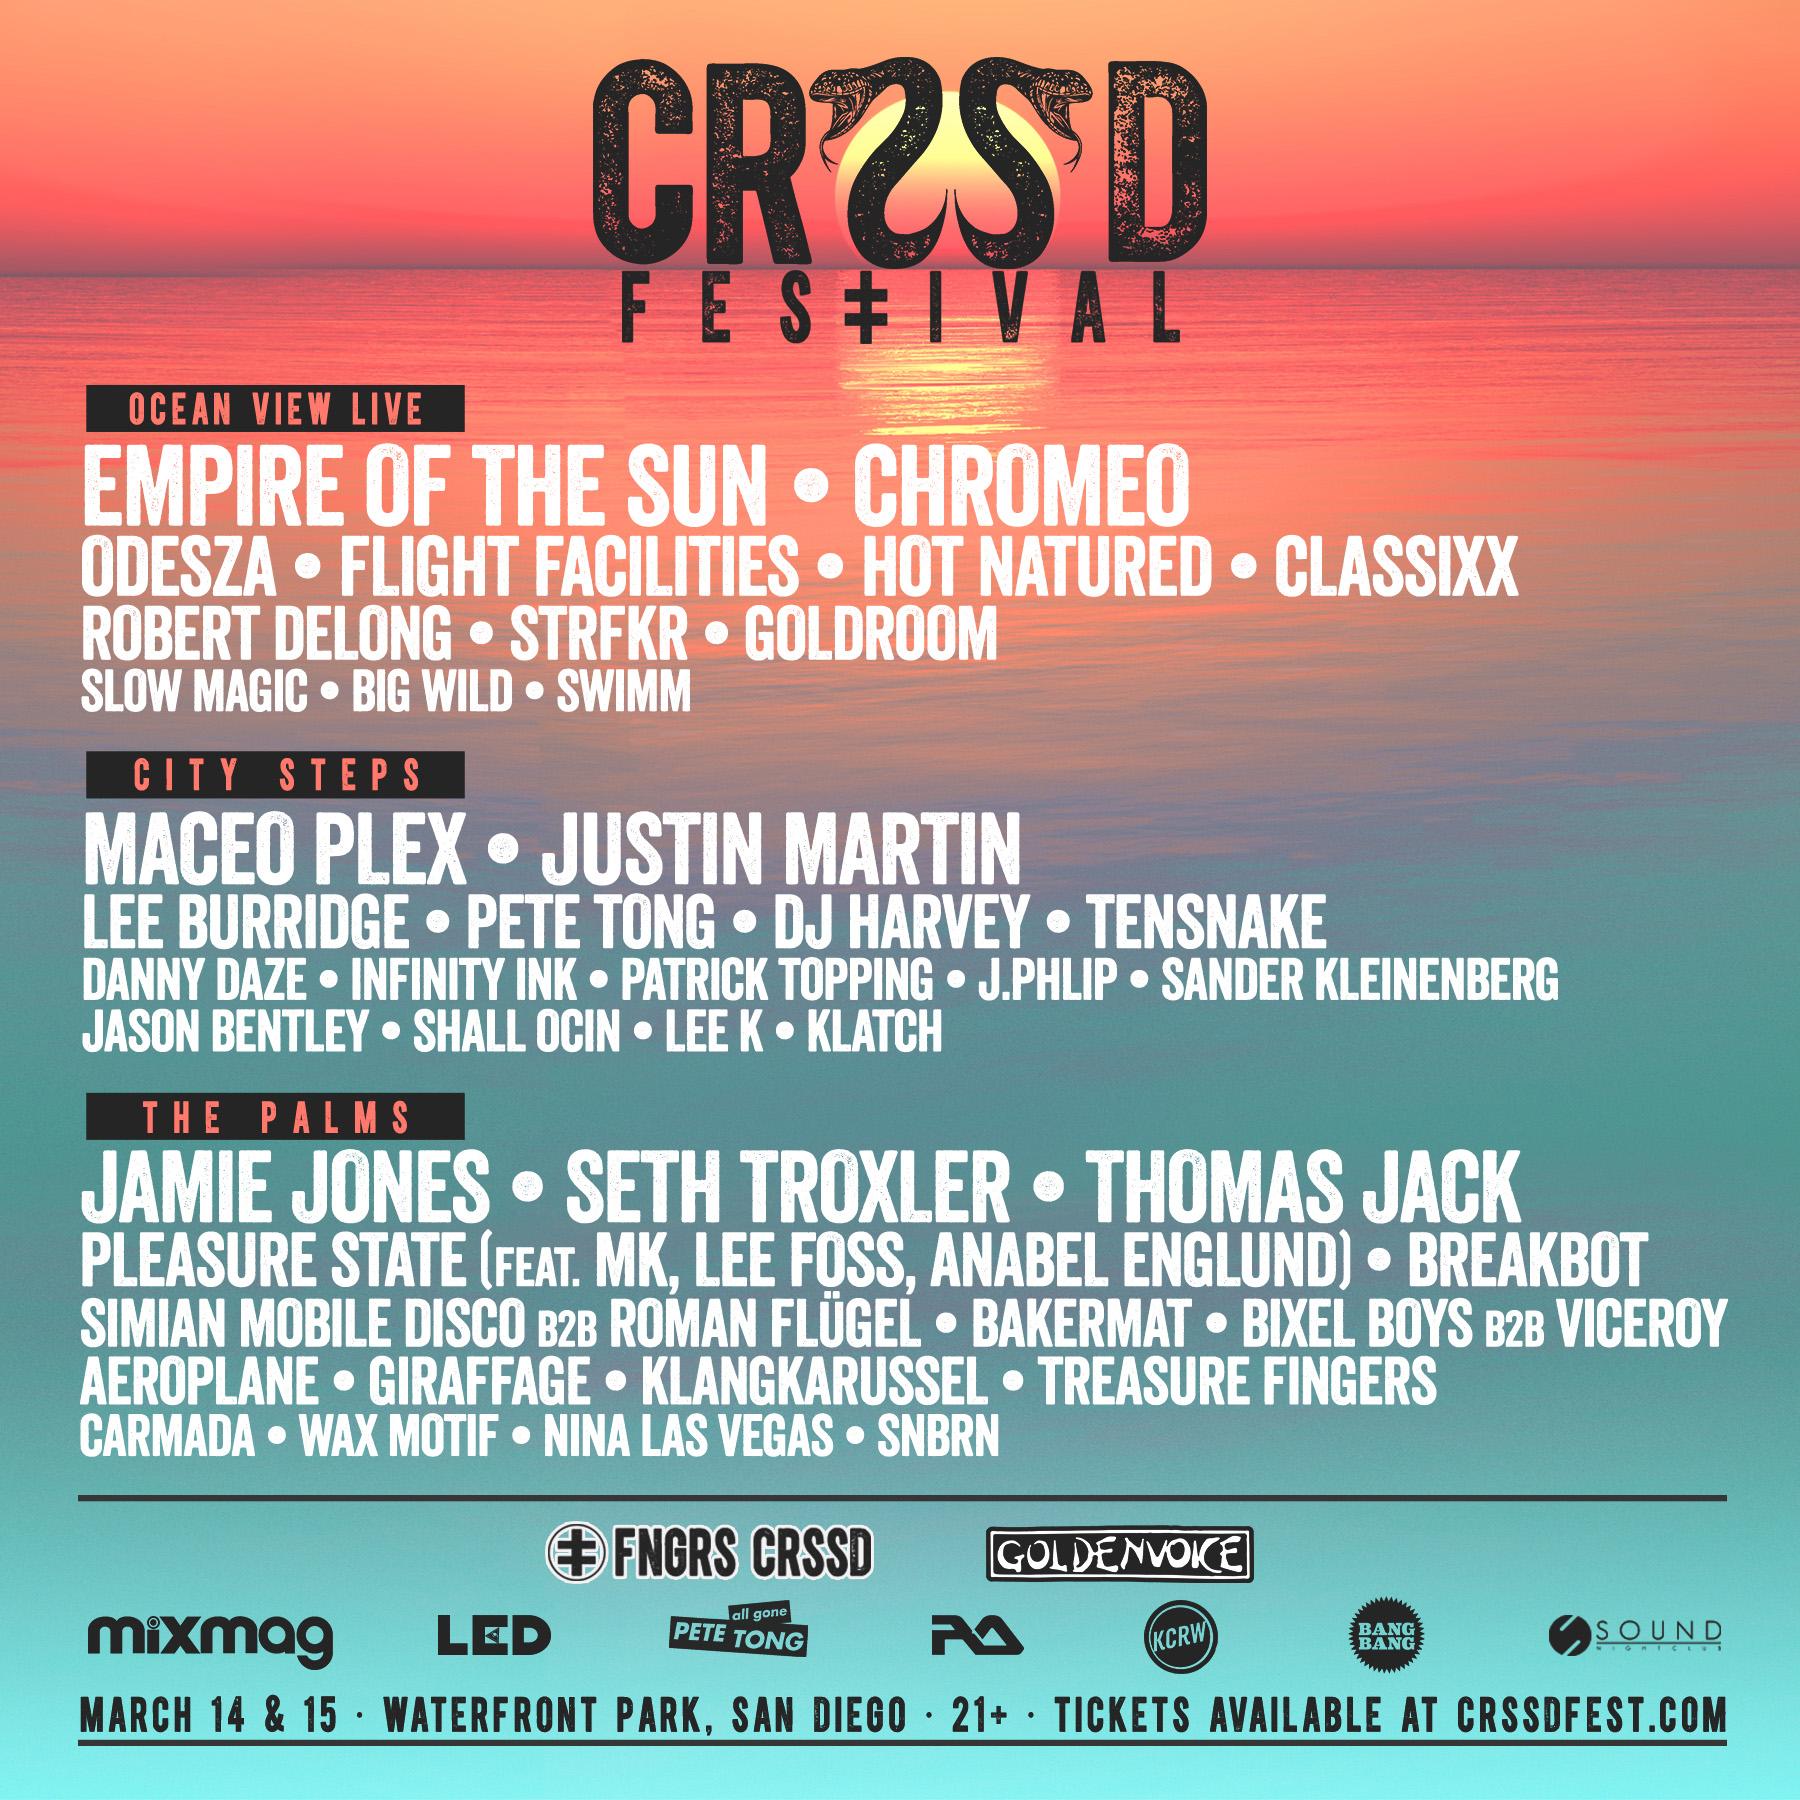 CRSSD Festival underground music